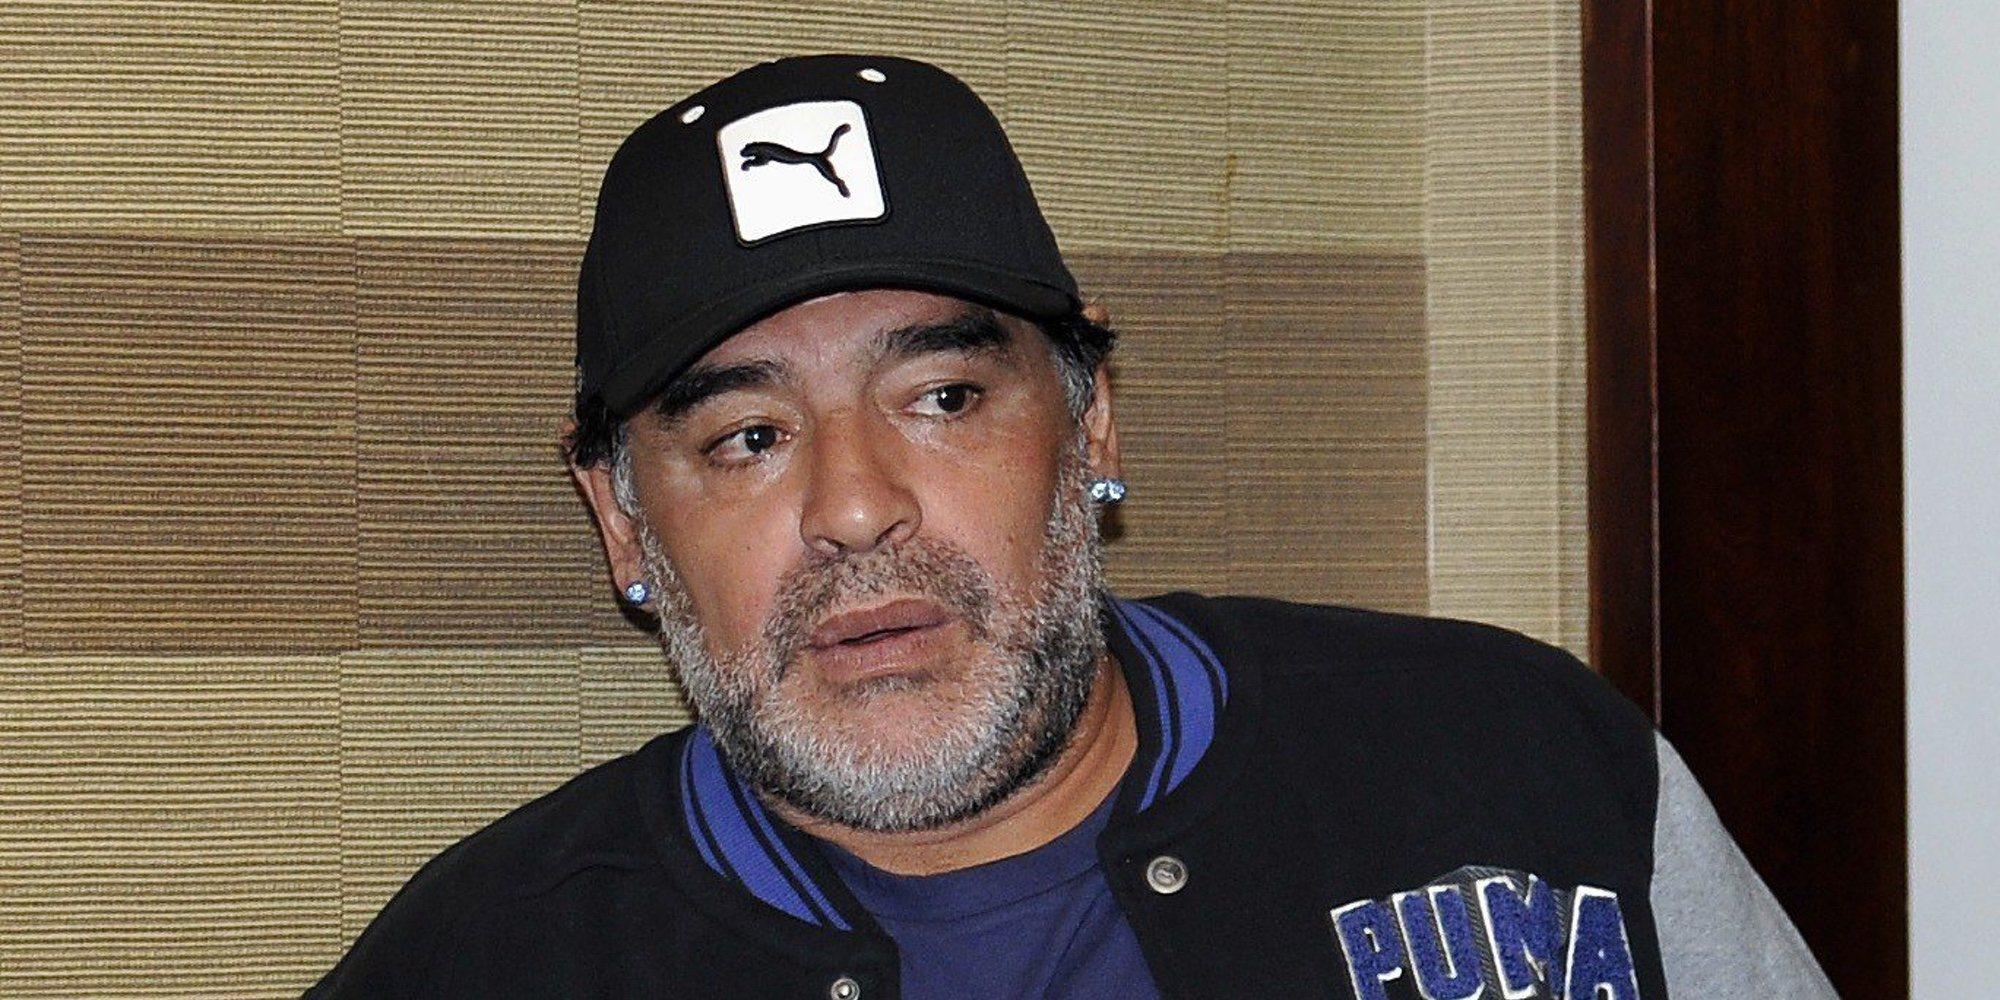 Los dramáticos últimos días con vida de Maradona: depresión y un golpe en la cabeza del que no fue tratado